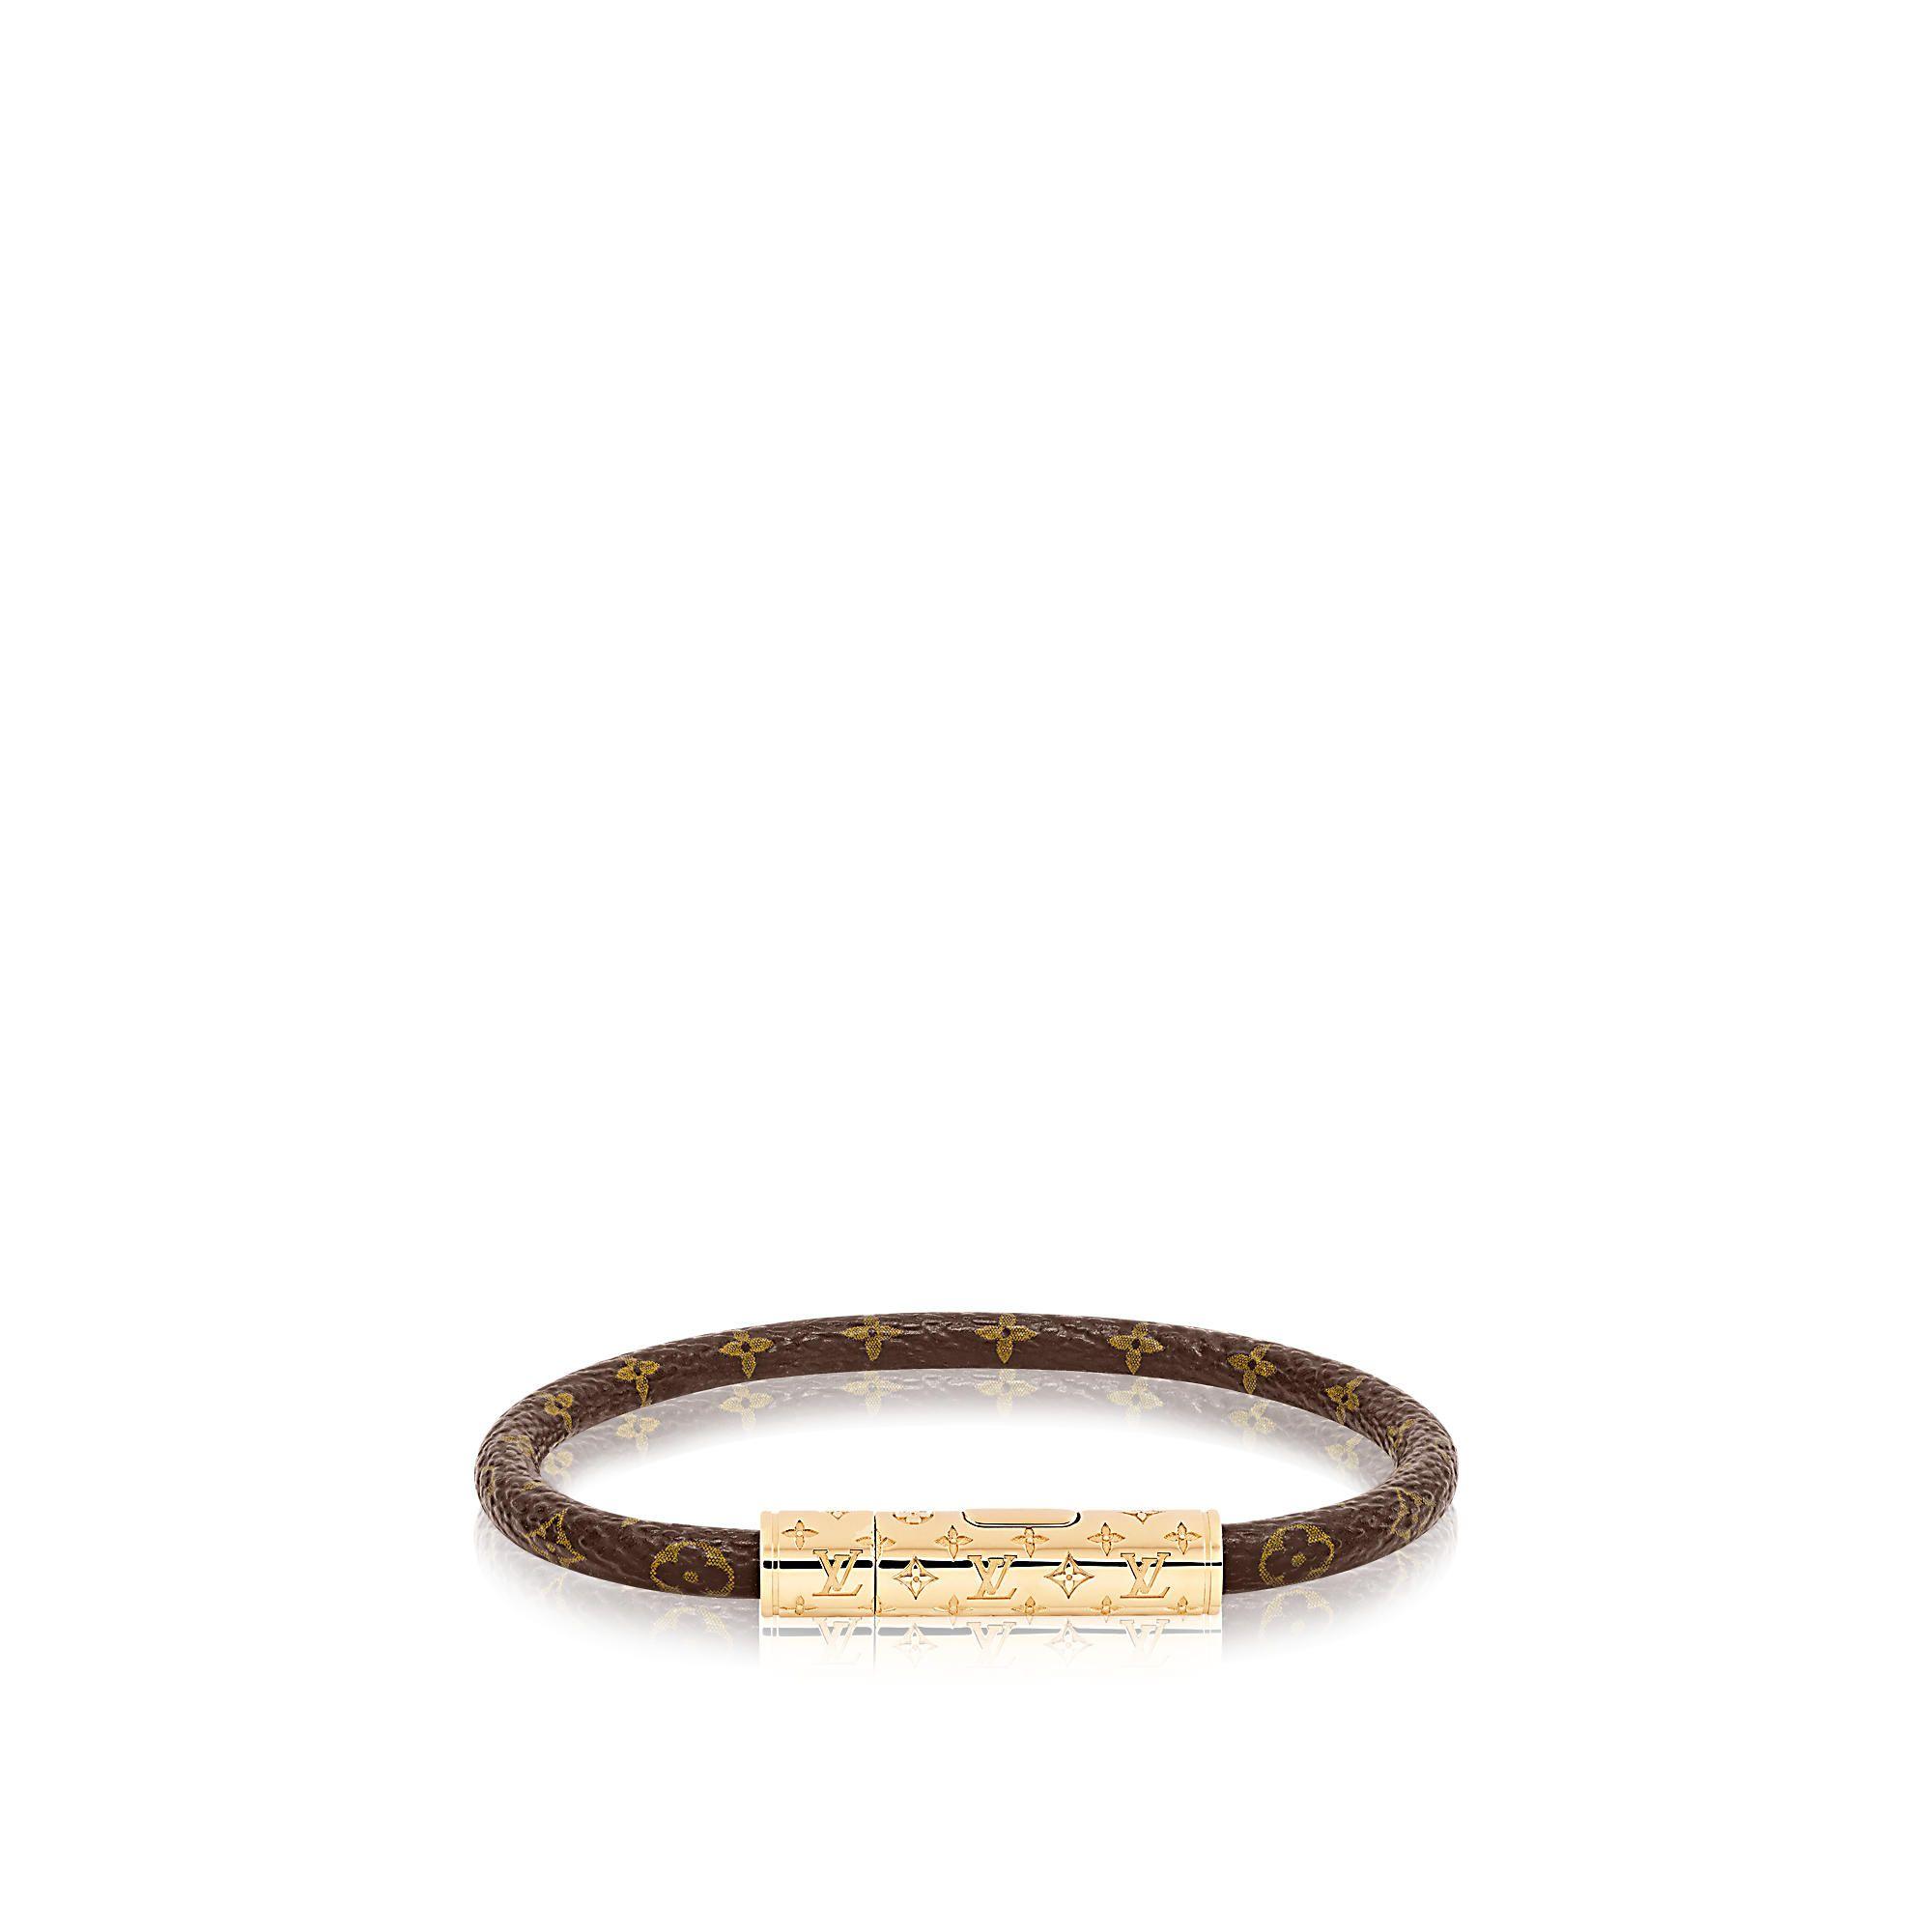 85bcc2be018f Bracelet LV Confidential Toile Monogram Femme Accessoires Bracelets en cuir.  Découvrez l incontournable Bracelet LV Confidential via Louis Vuitton 170  euros